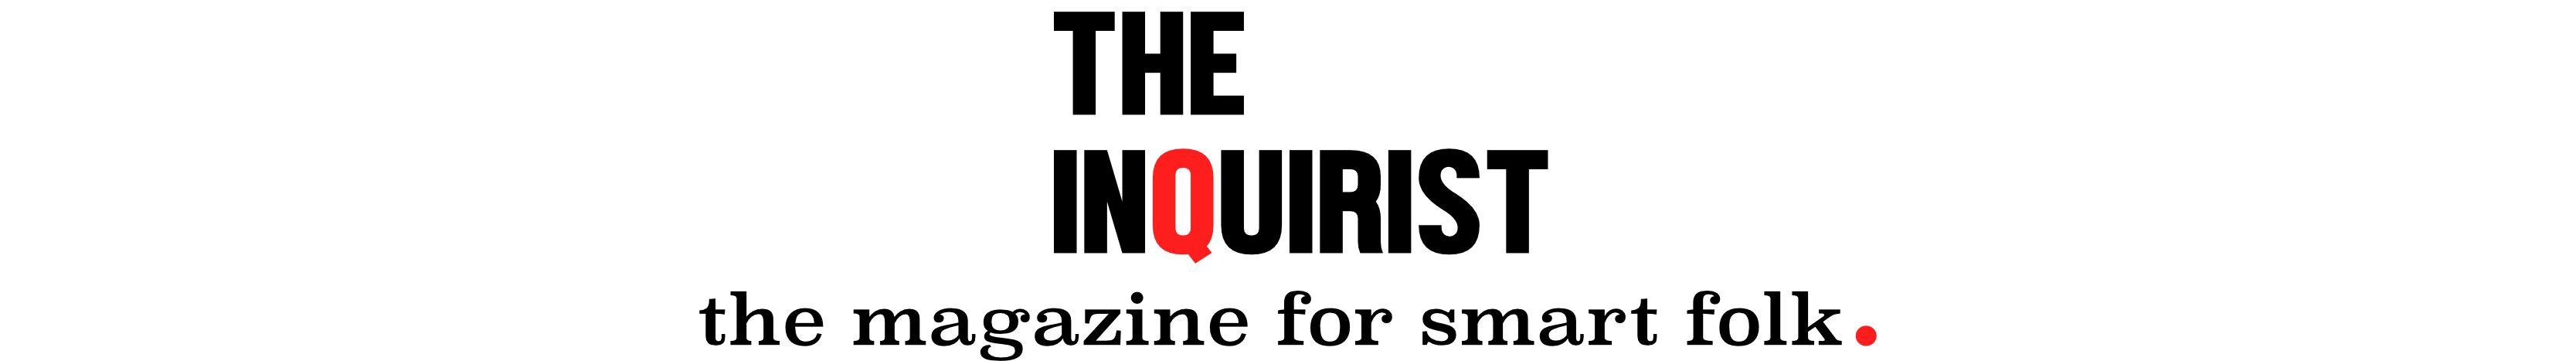 The Inquirist Magazine